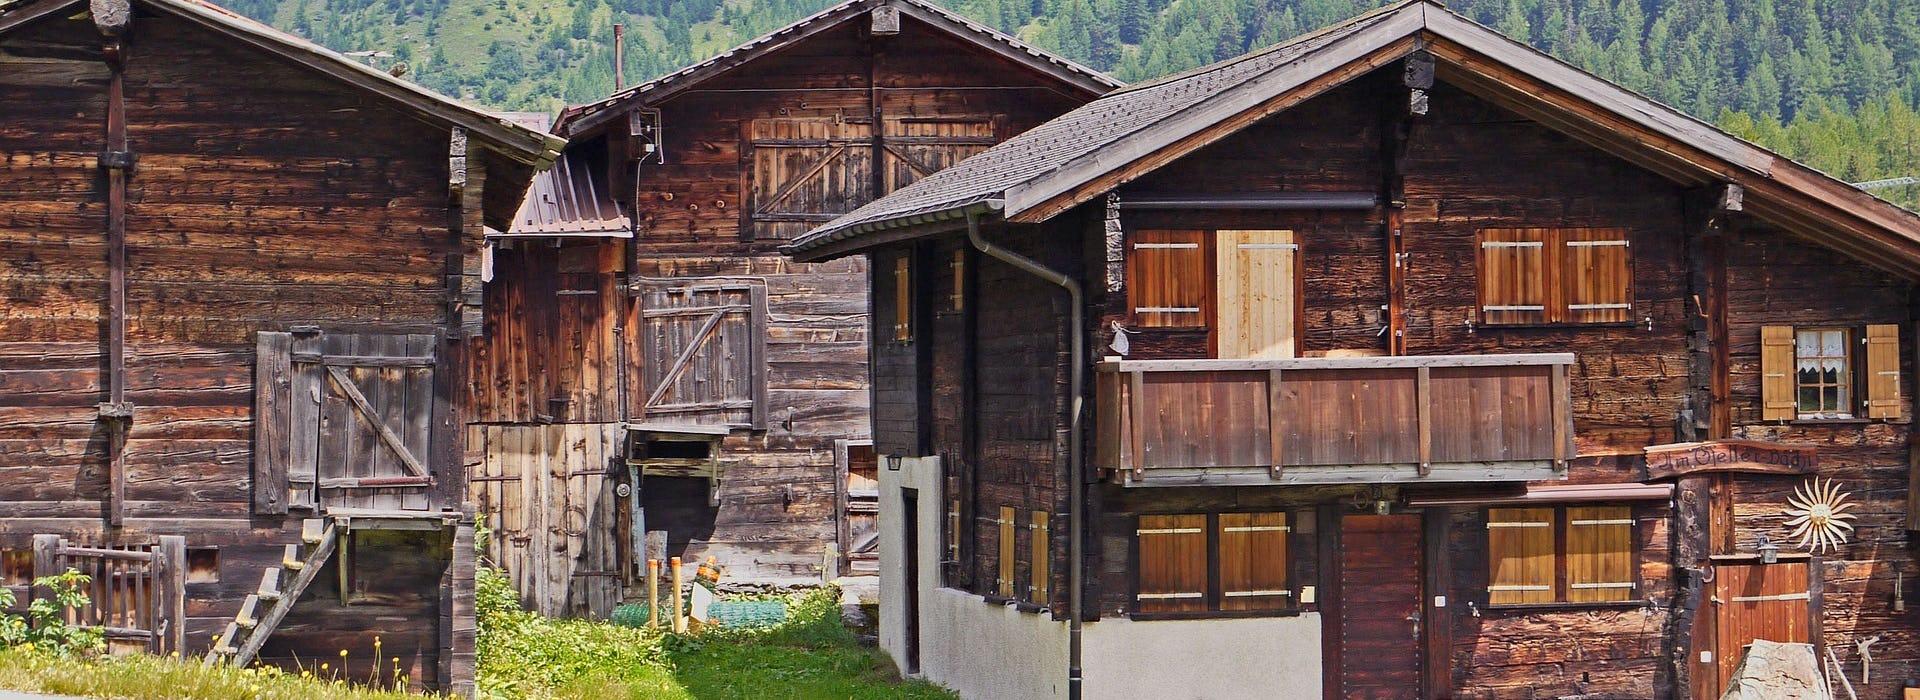 Walliserhäuser Ferienreise Ramsauer Carreisen